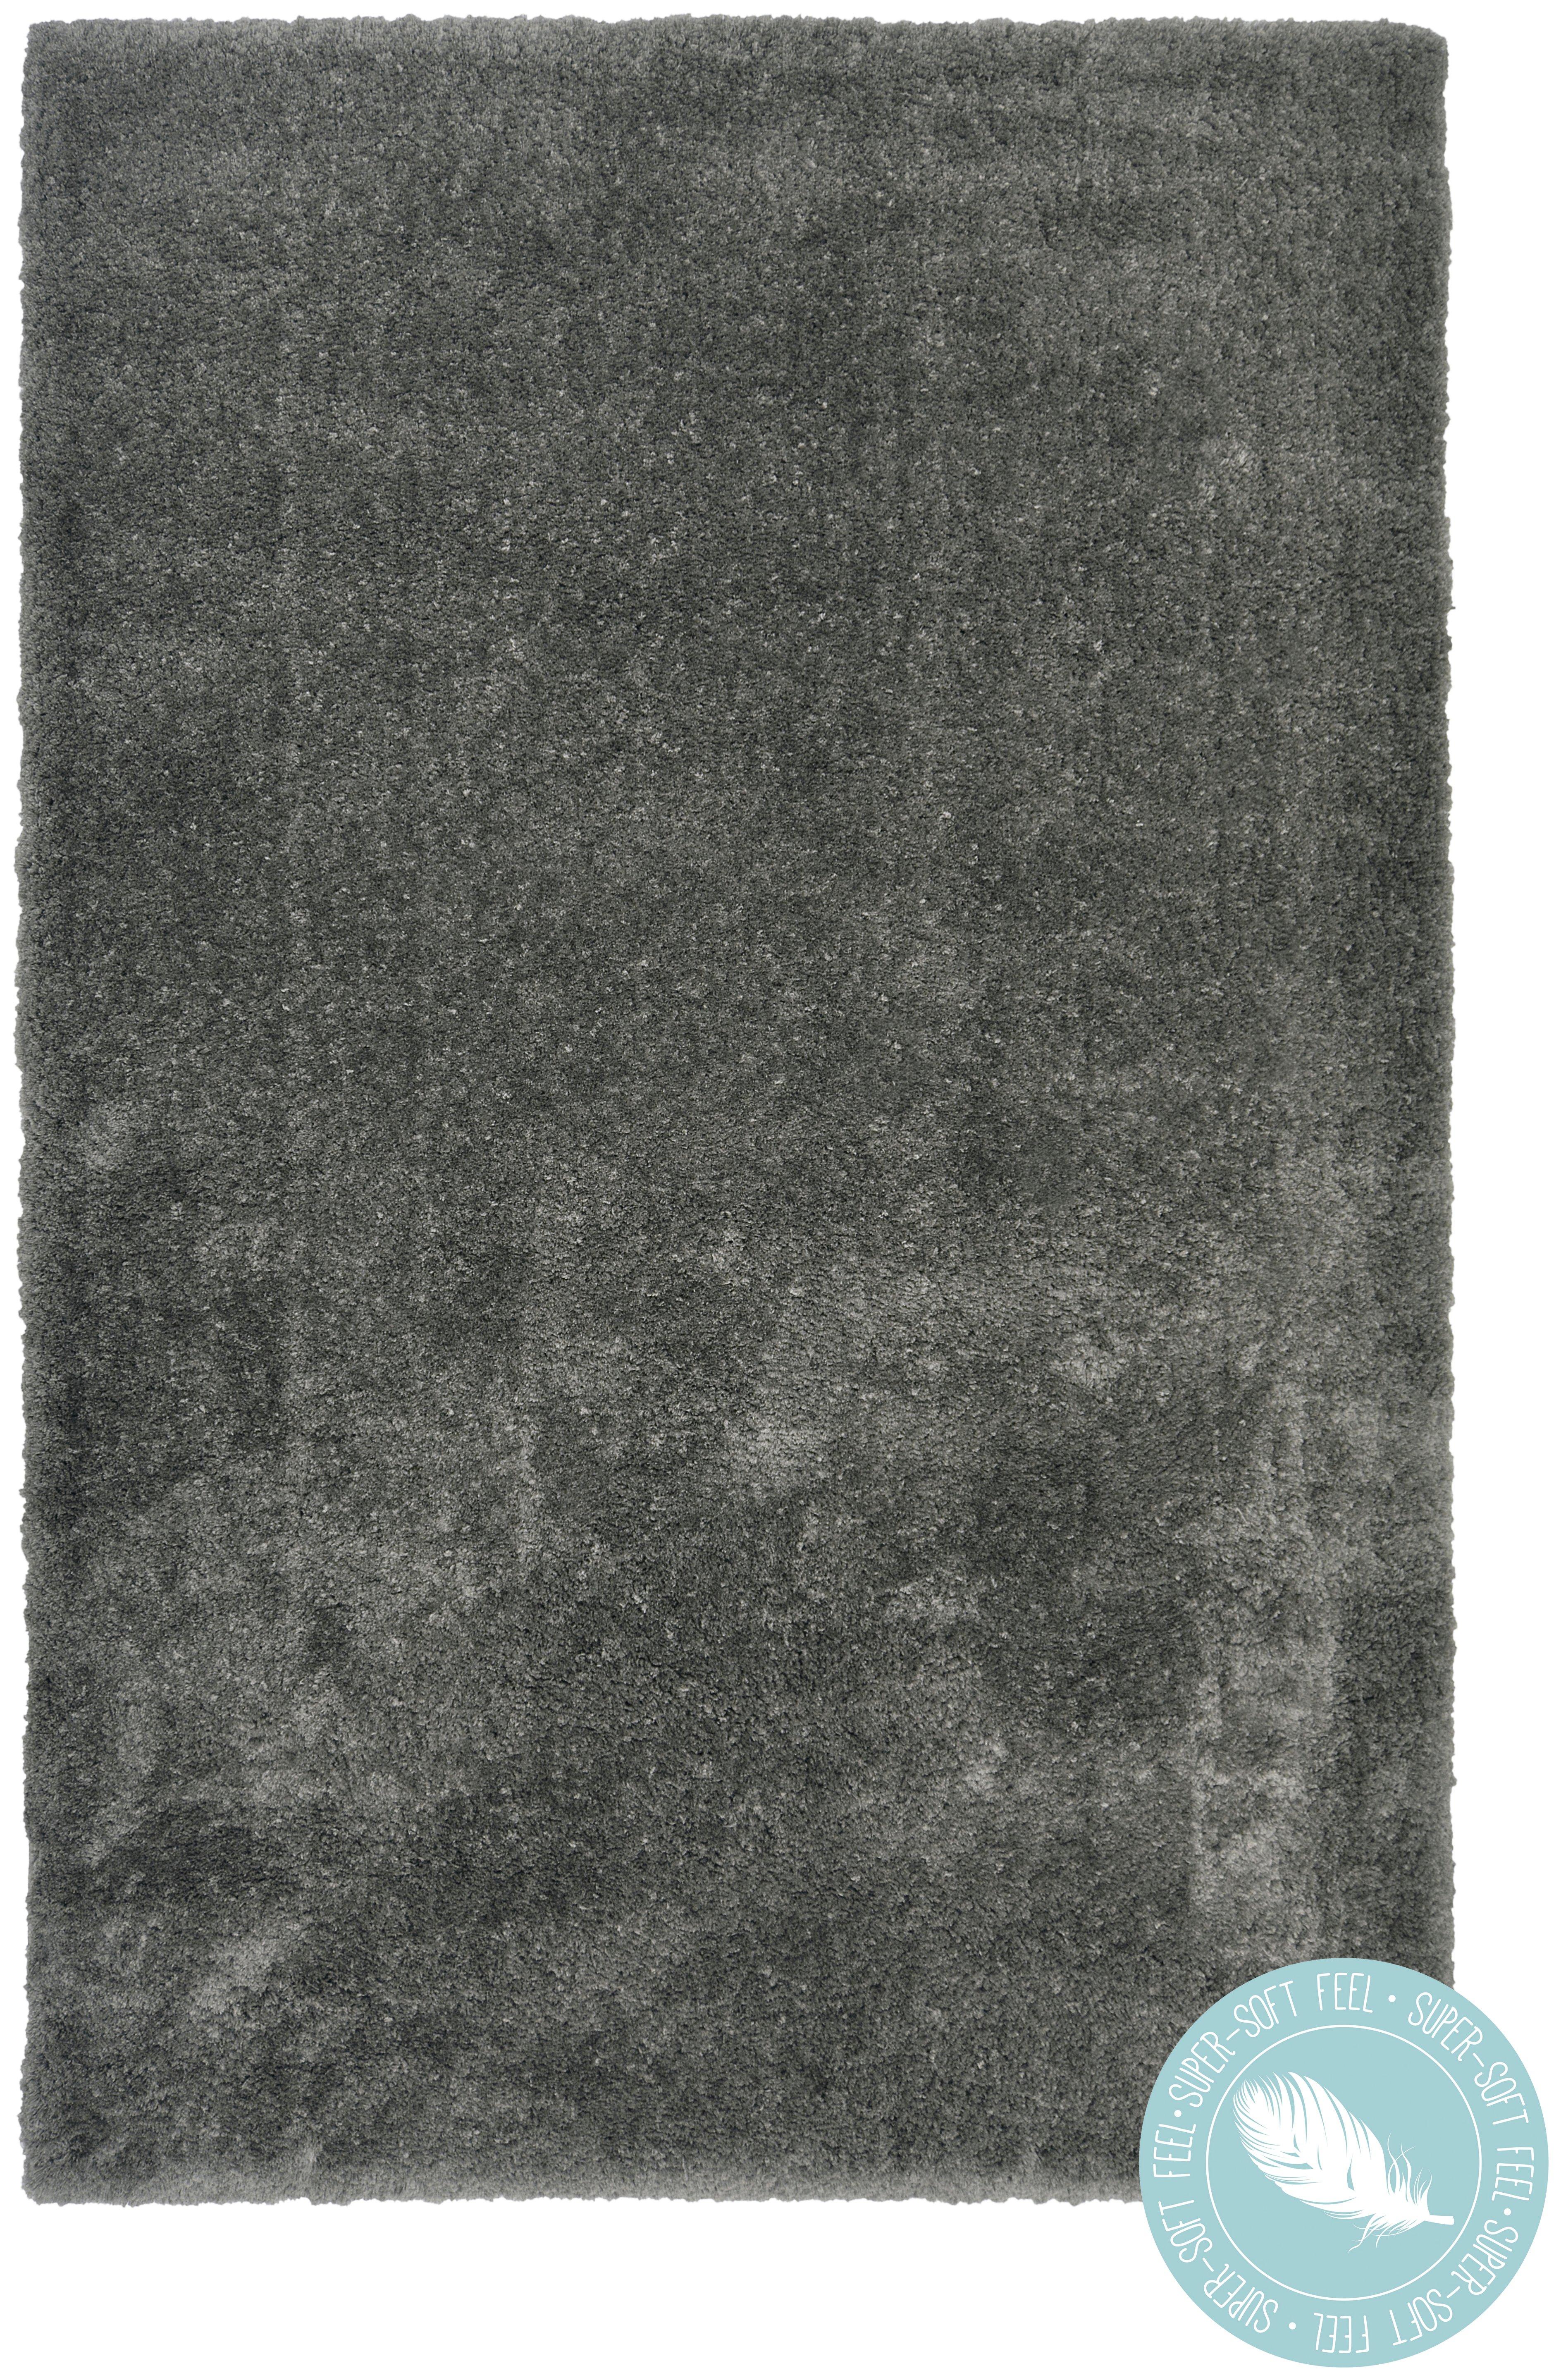 Lush Shaggy Rug - 80x150cm - Dark Grey.